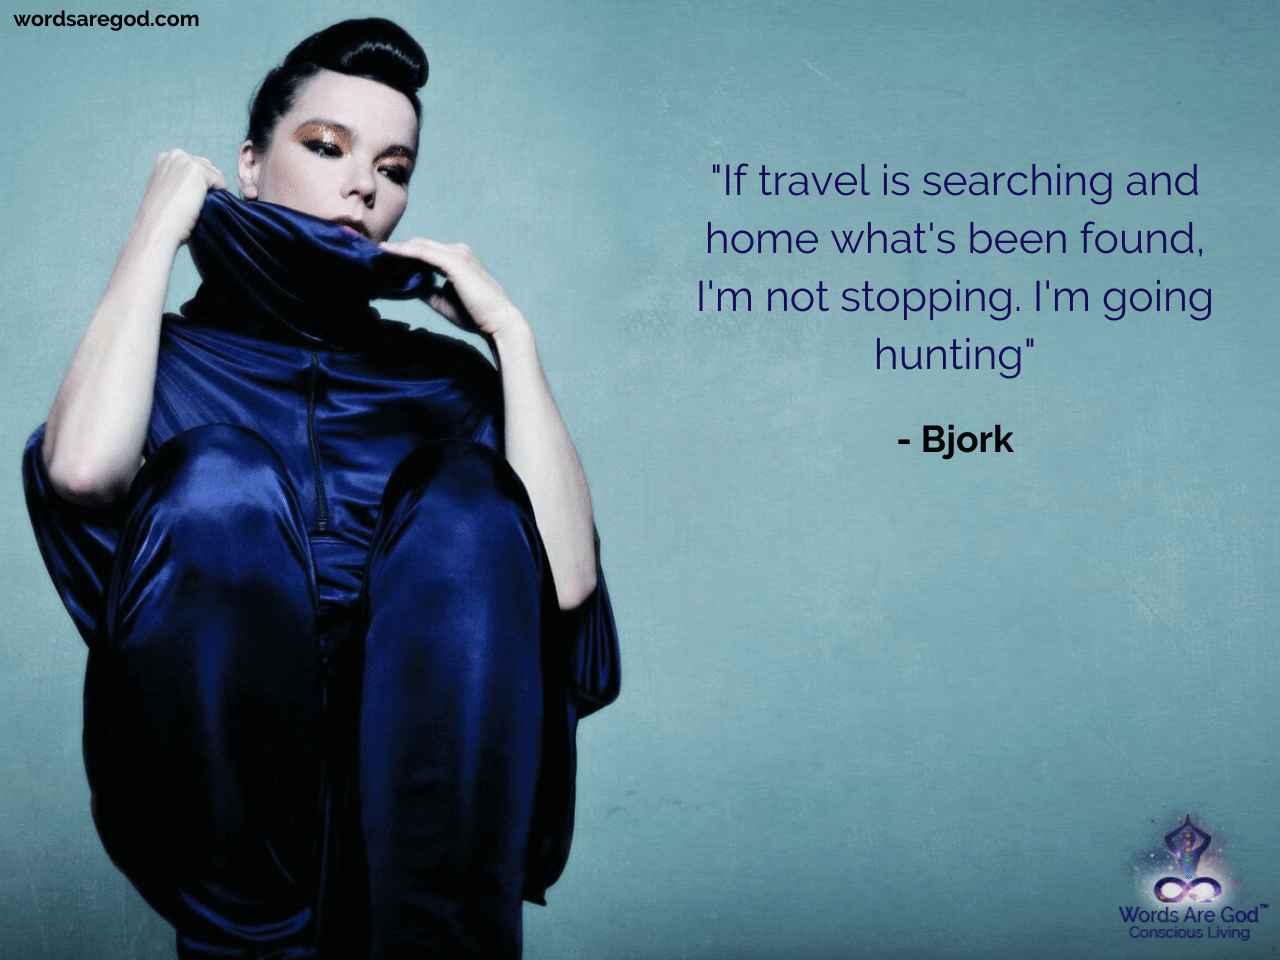 Bjork Motivational Quote